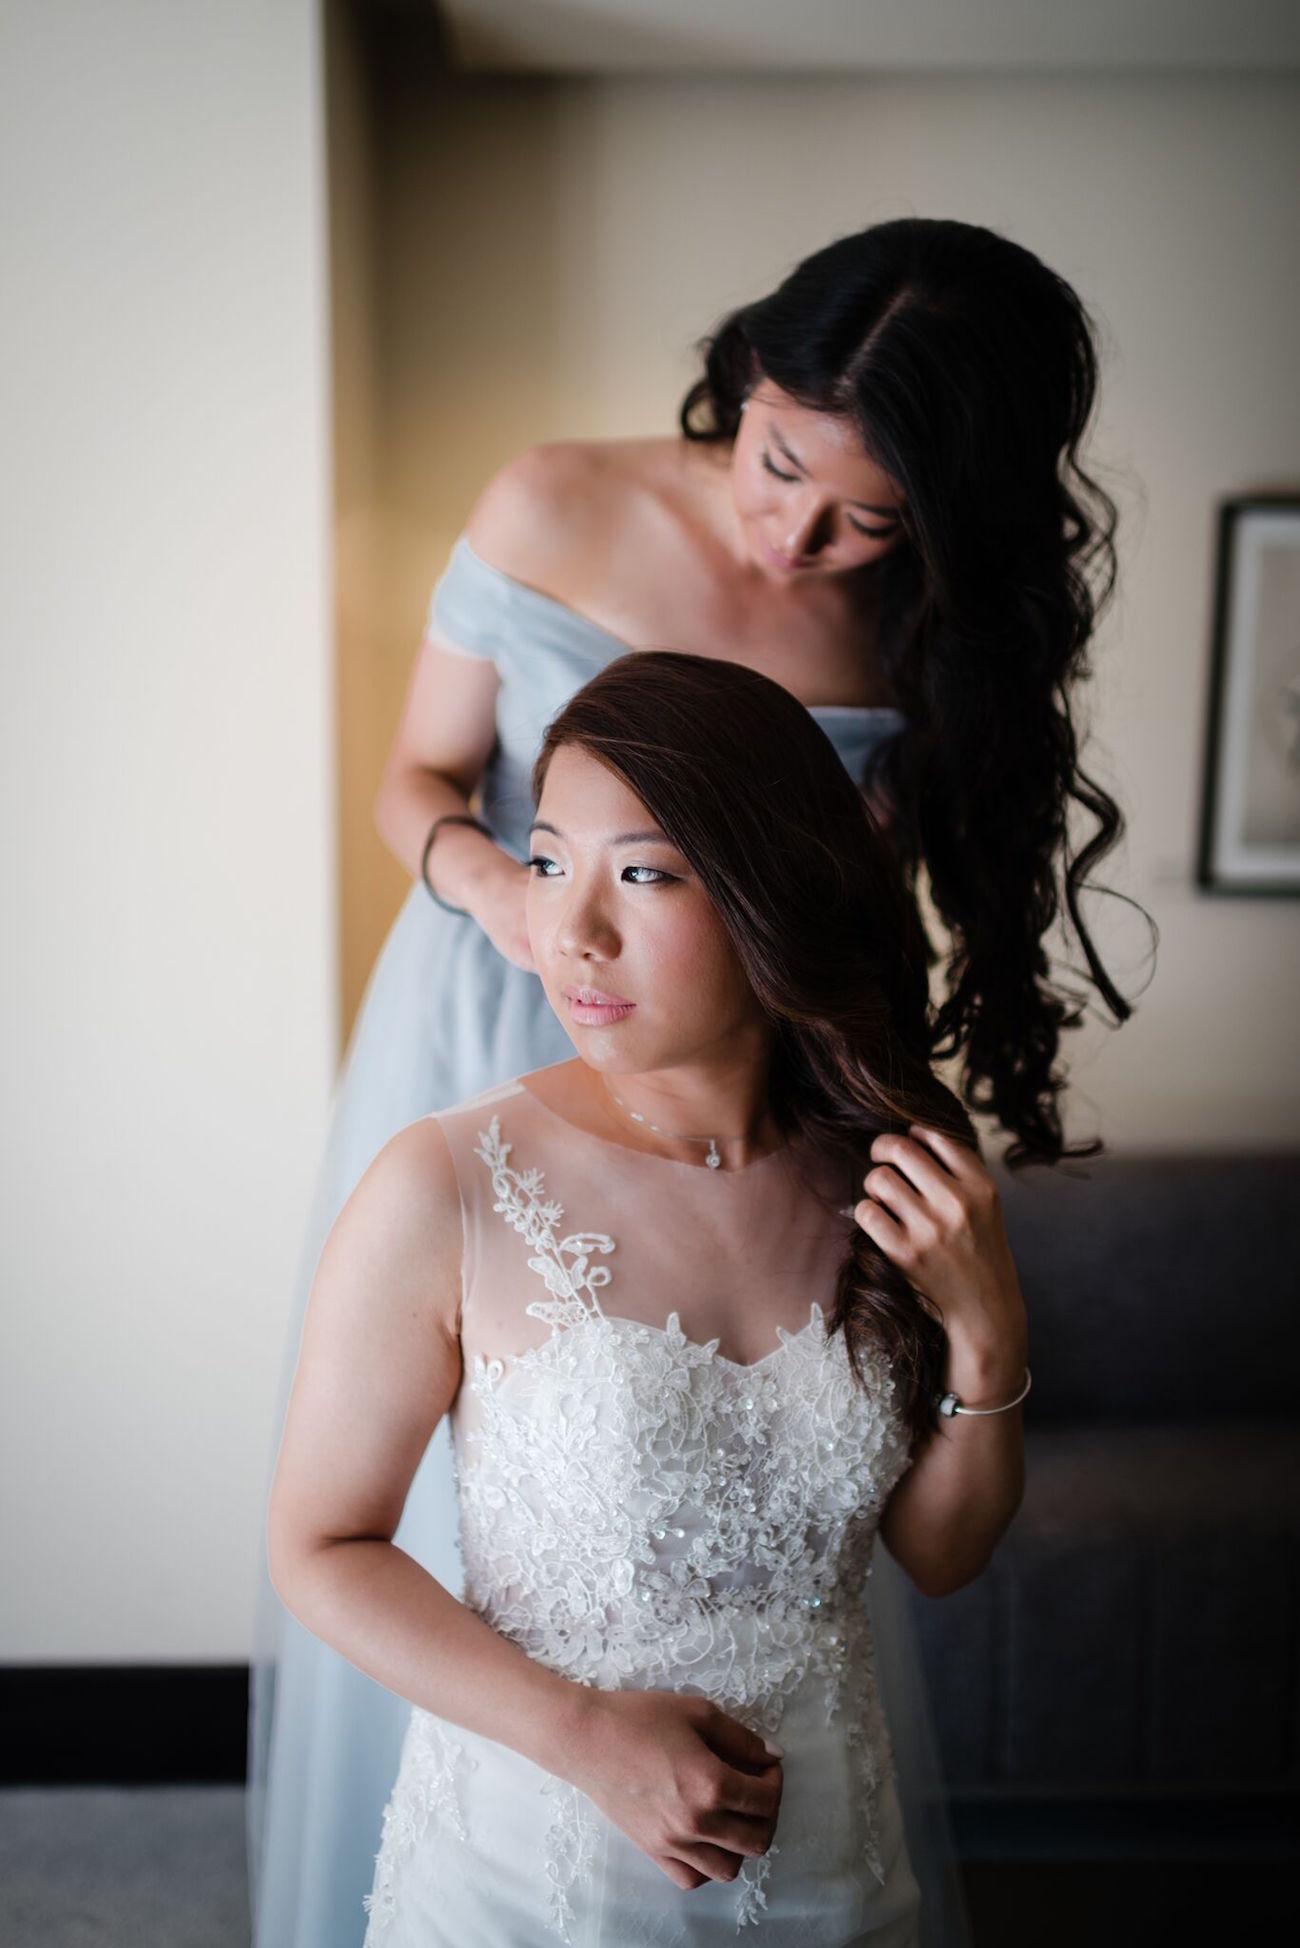 Elegant Bride Getting Ready | Image: Wynand van der Merwe